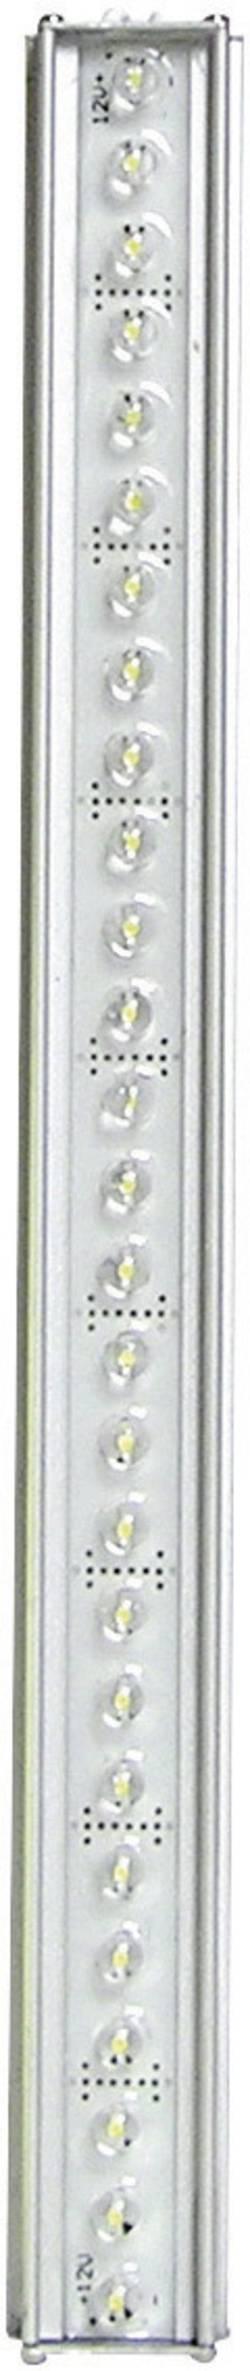 Electris Réglette lumineuse à Led